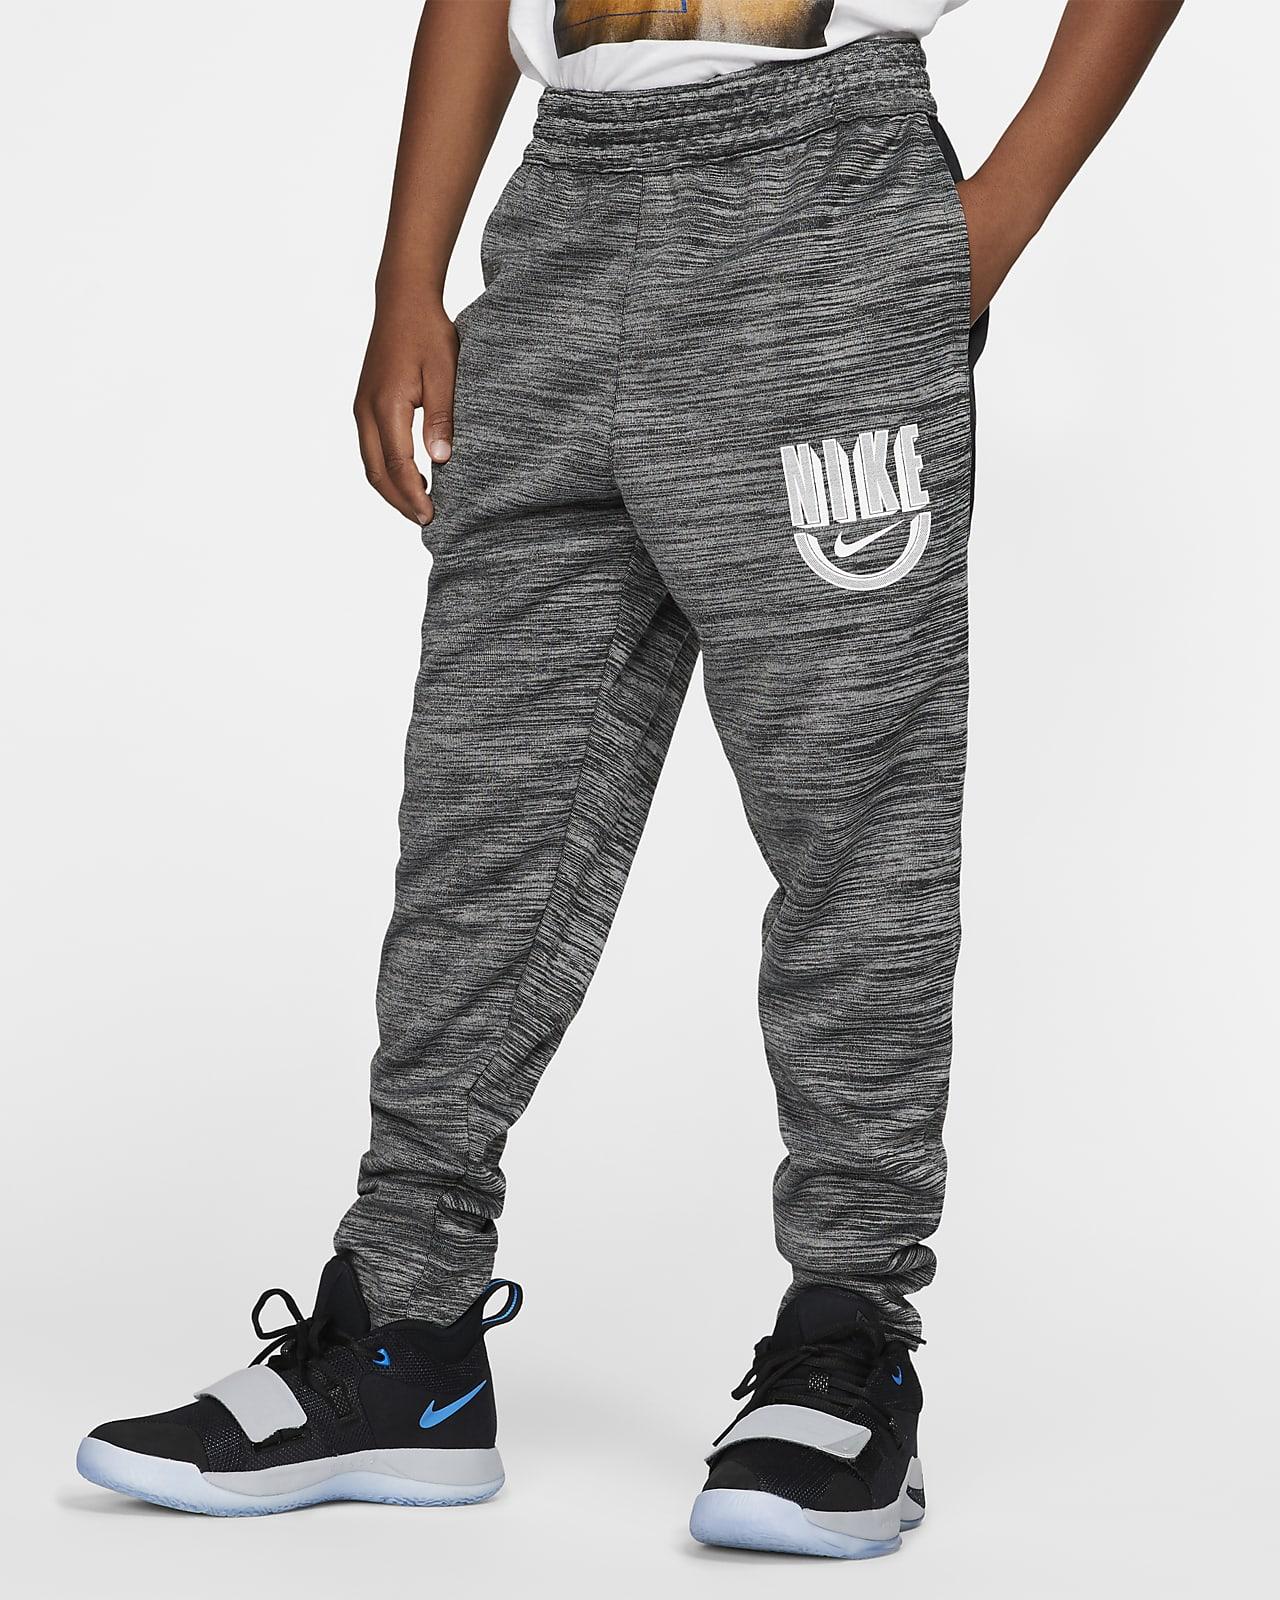 Nike Spotlight Big Kids' (Boys') Basketball Pants